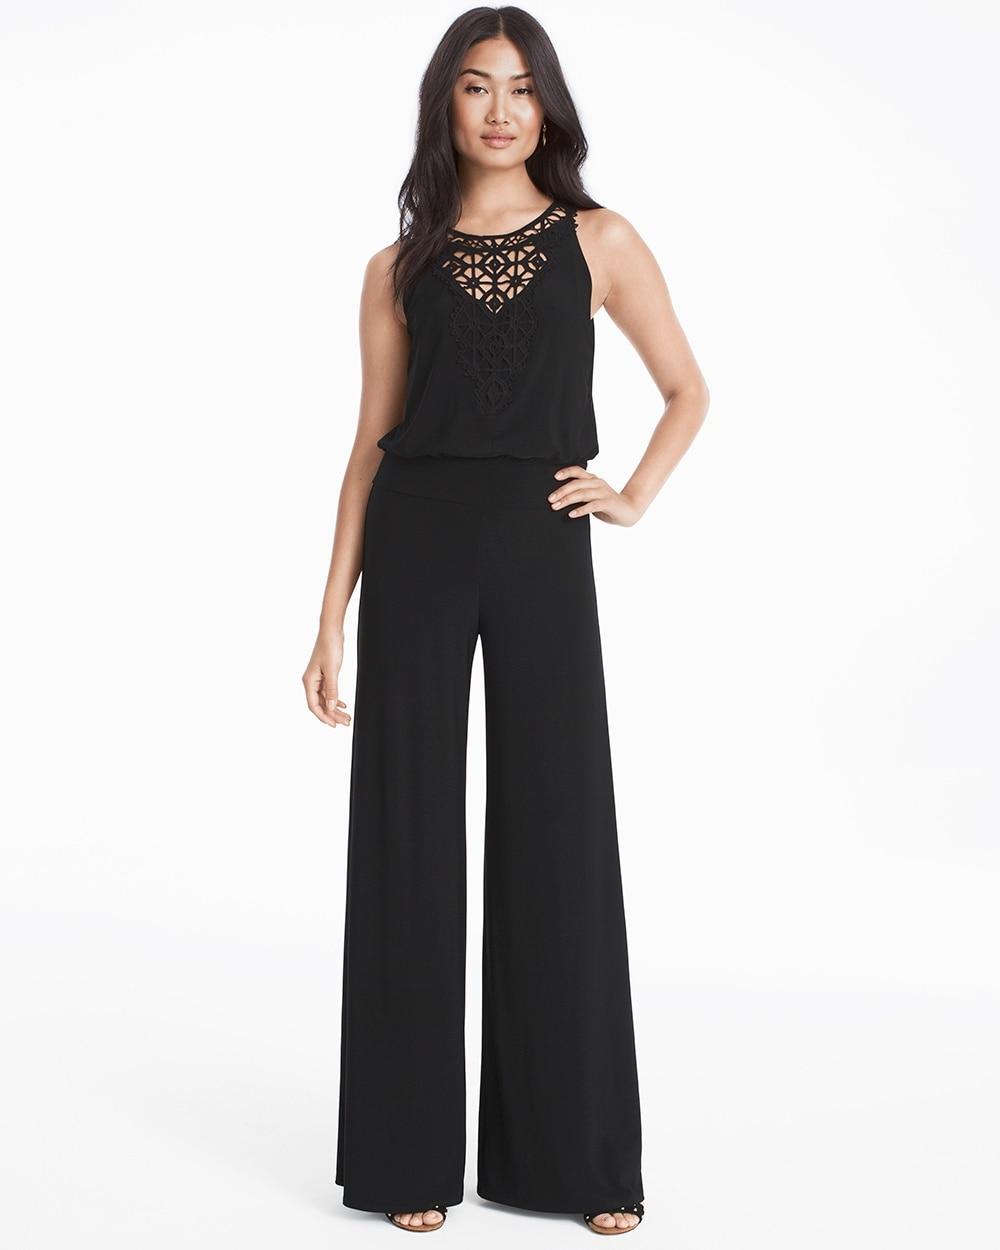 0fb0d64c9c Crochet Neck Black Knit Jumpsuit - Shop Formal & Cocktail Dresses for Women  - White House Black Market